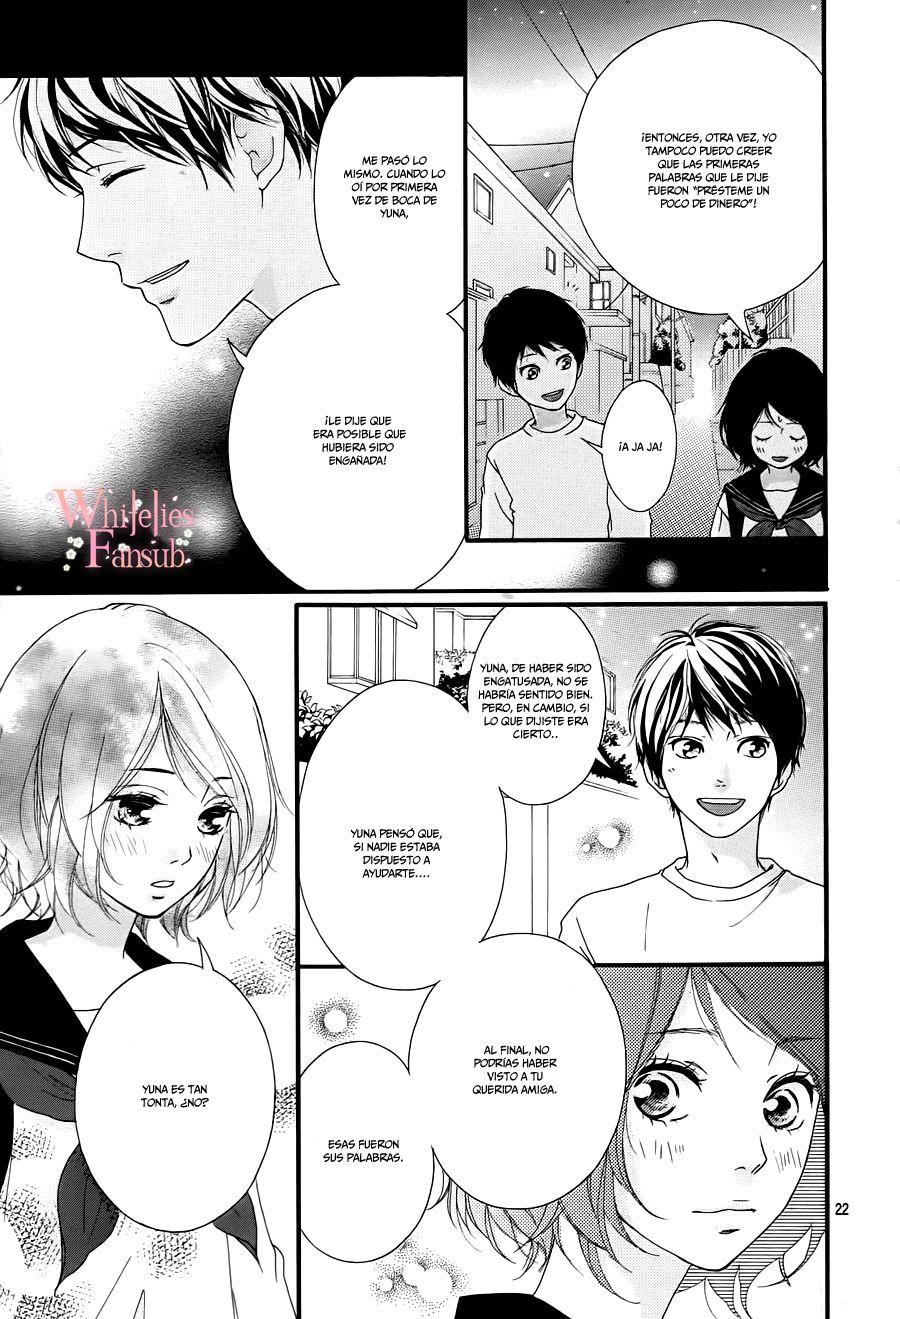 Omoi Omoware Furi Furare Capitulo 2 Pagina 26 思い思われふりふられ